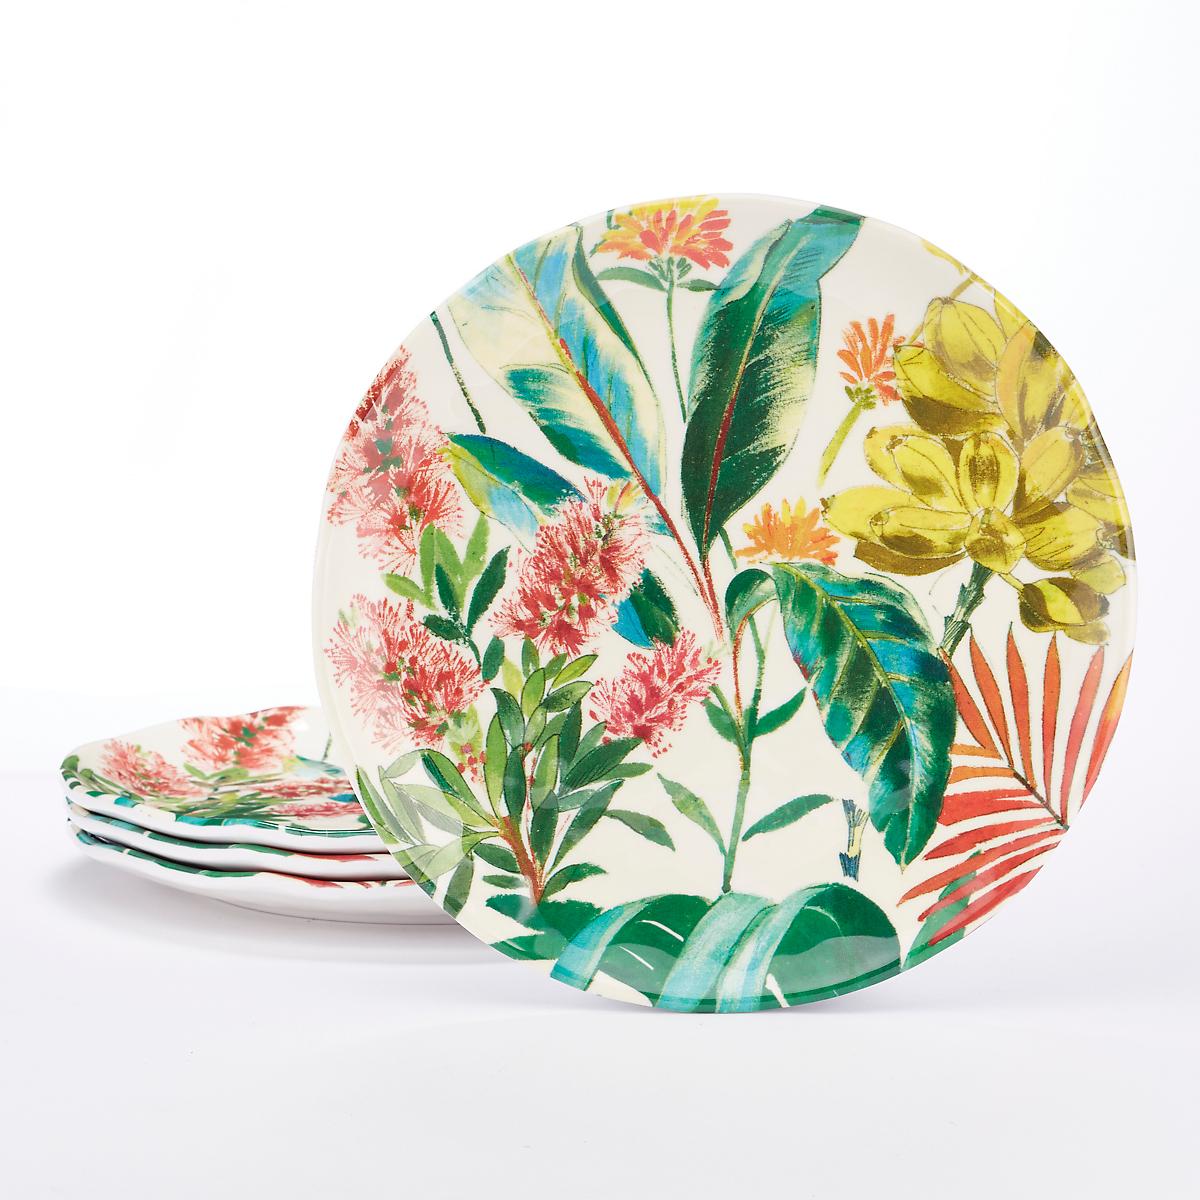 New Tropical Garden Melamine Dinnerware  sc 1 st  Gumpu0027s & New Tropical Garden Melamine Dinnerware   Gumpu0027s